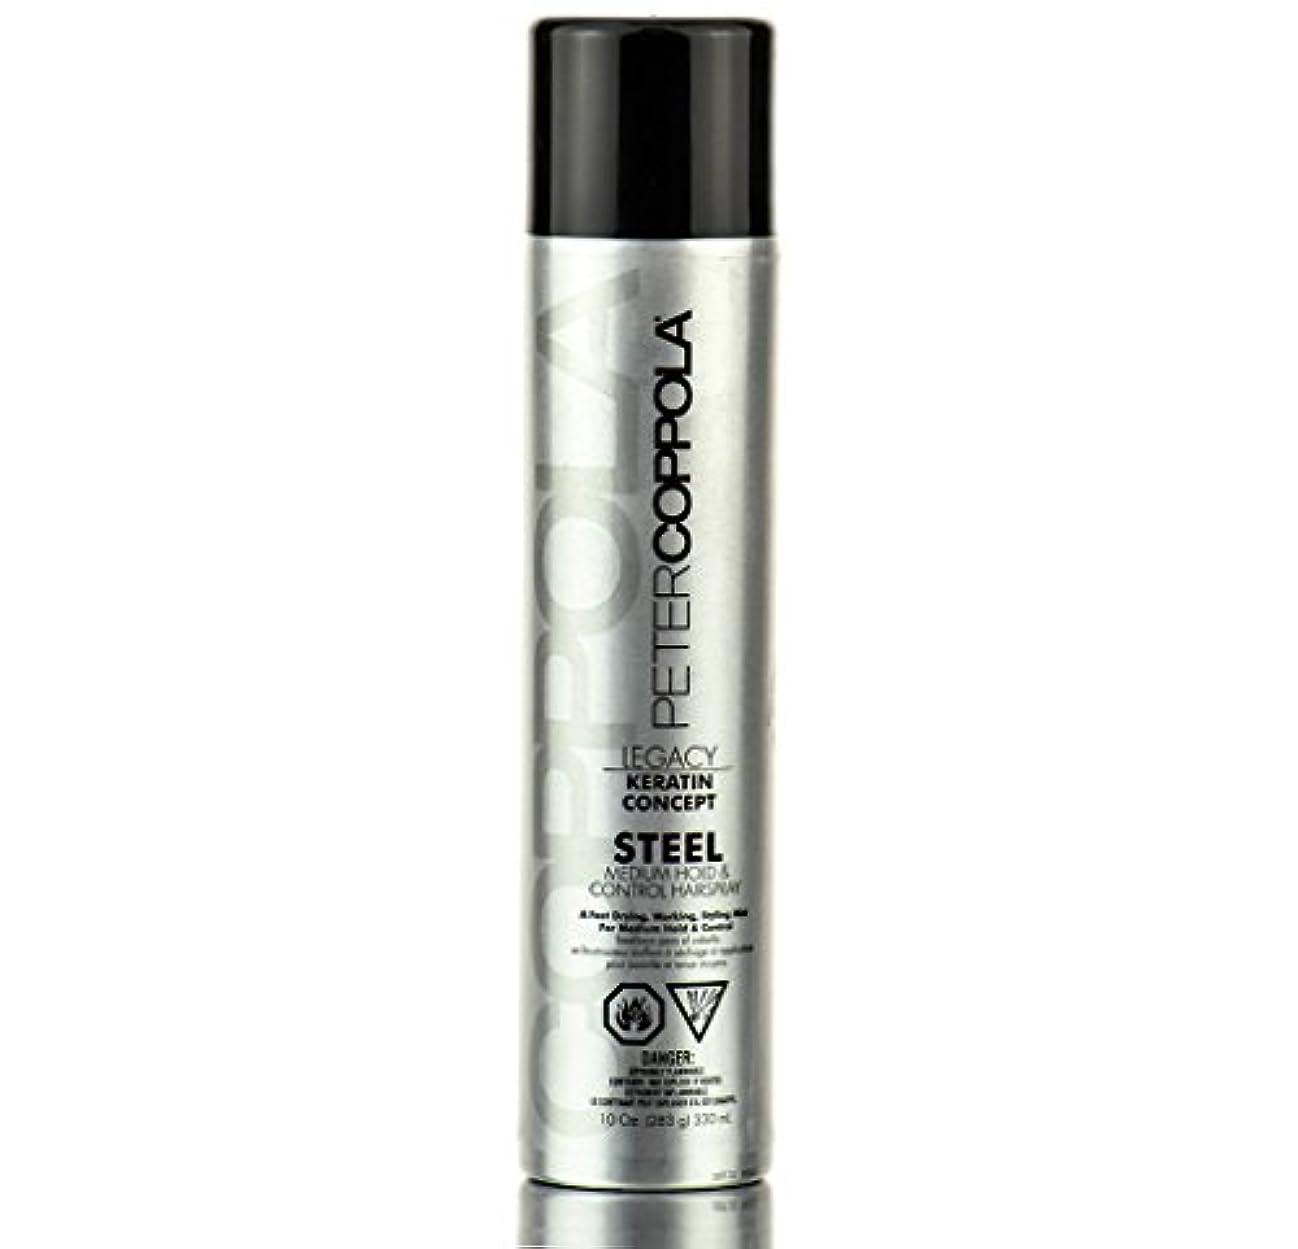 不毛のシリンダー分析するPeter Coppola スチールヘアスプレー - 軽量、ミディアムホールド、柔軟なホールドは、スタイリングヘアボリューム&スタイリングのすべての髪のタイプを追加するための10オンスミディアムシャインスプレー medium_hold